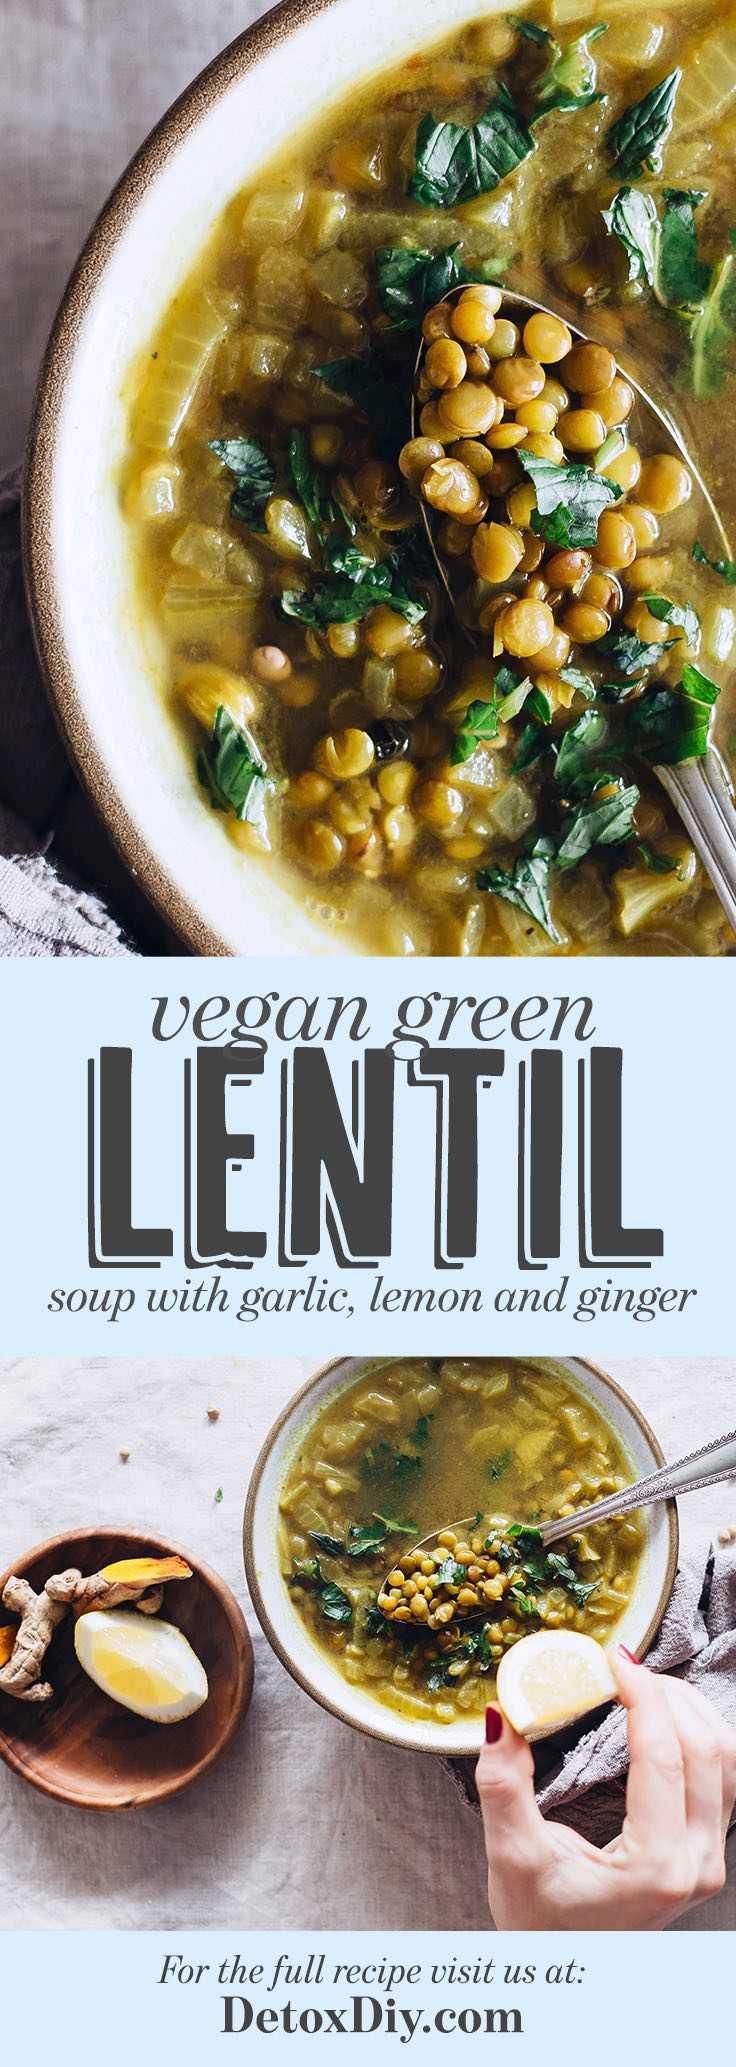 Vegan Green Lentil Soup with Garlic, Lemon and Ginger